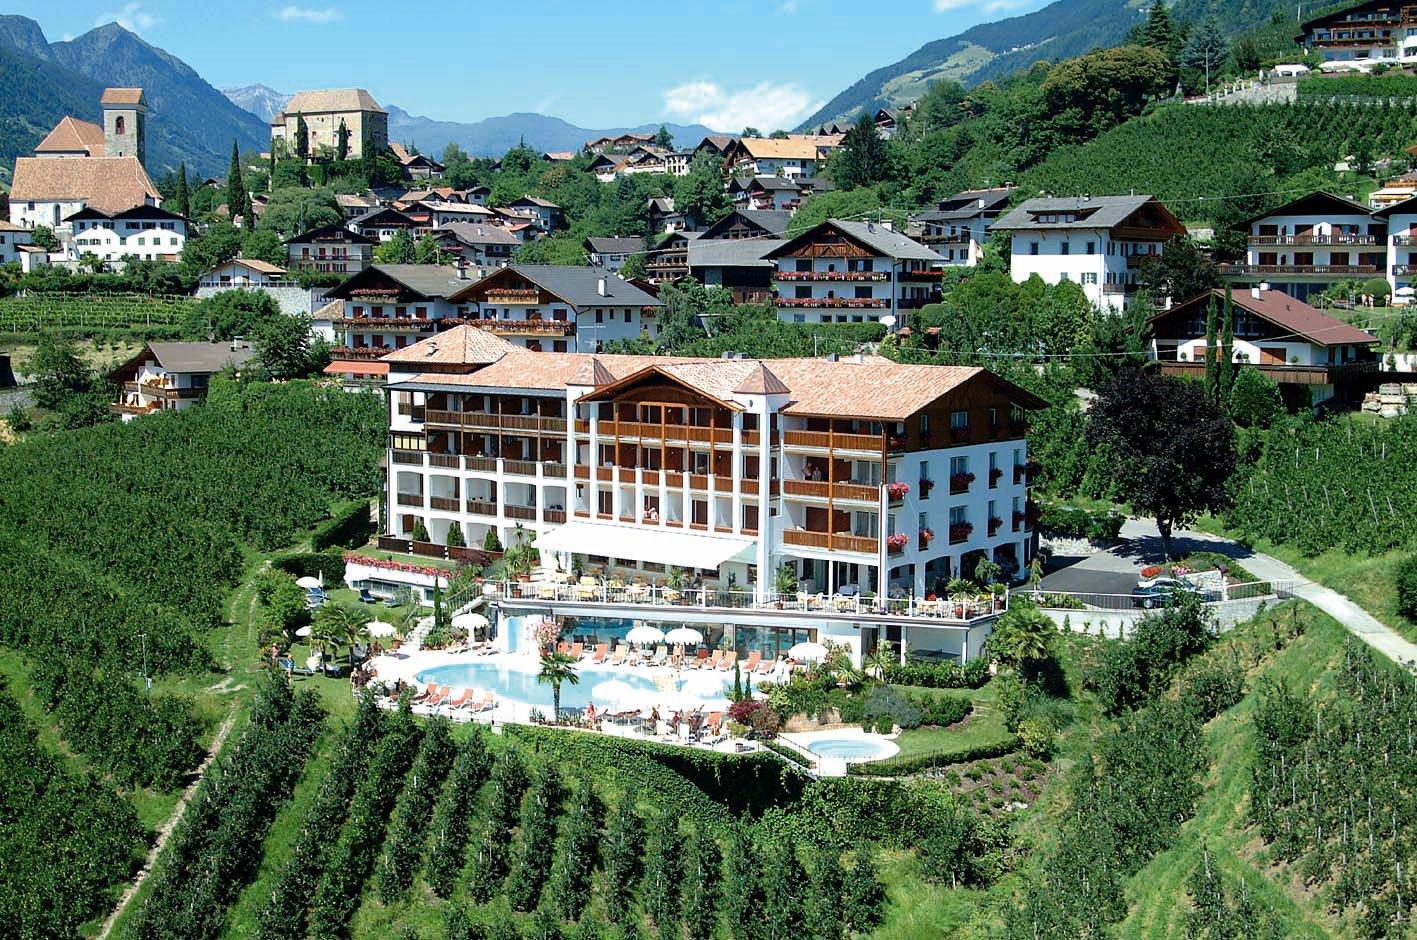 BIO @ Bio-News-Net | Hotel Tyrol in Schenna, Südtirol – Hotel Tyrol